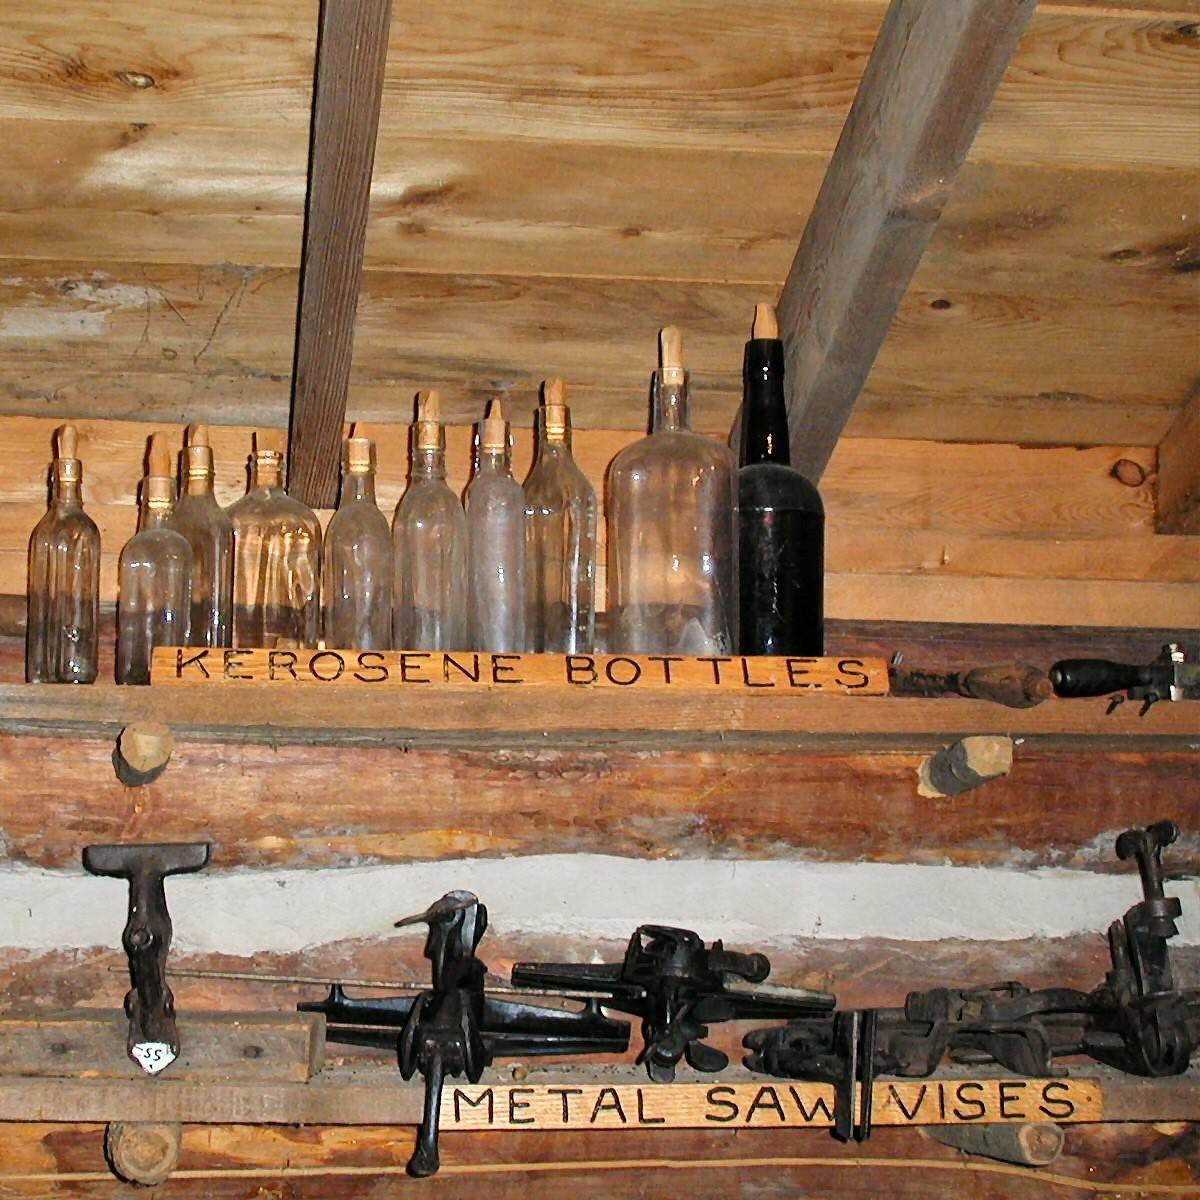 Kerosene Bottles